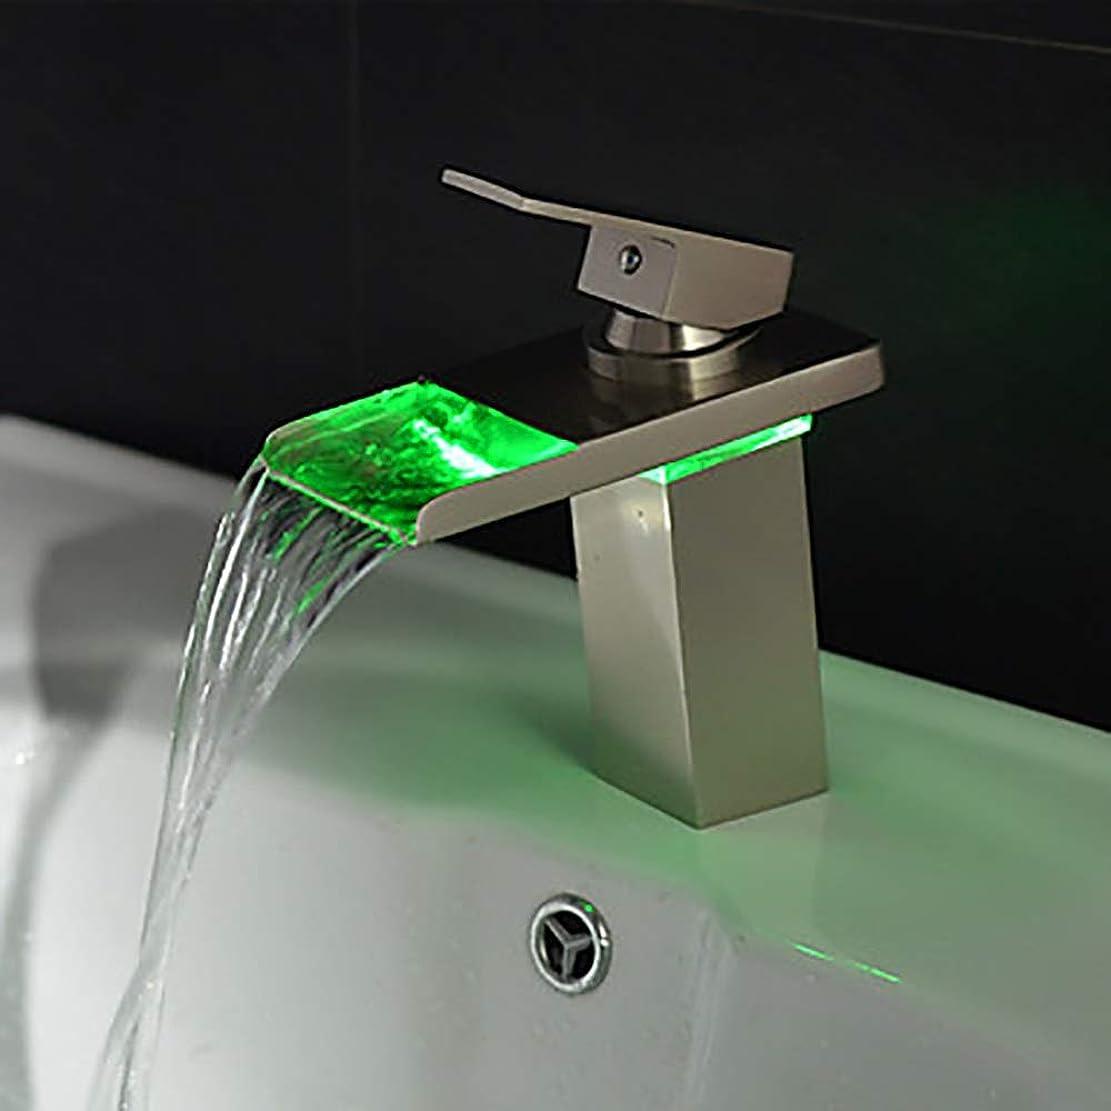 電話バングロデオHYH モダンなバスルームシンクの蛇口 - 滝/LEDステンレス鋼真鍮シングルハンドルワンタップ/真鍮 美しい人生